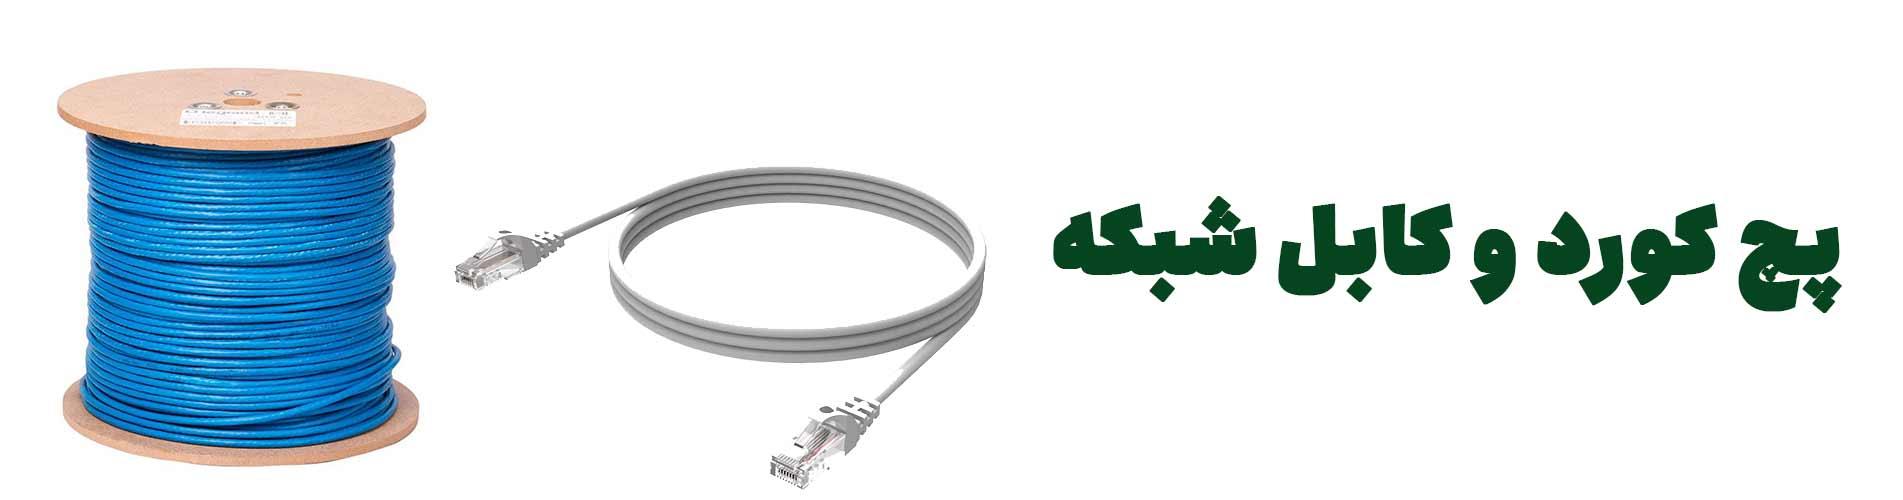 پچ کورد و کابل شبکه